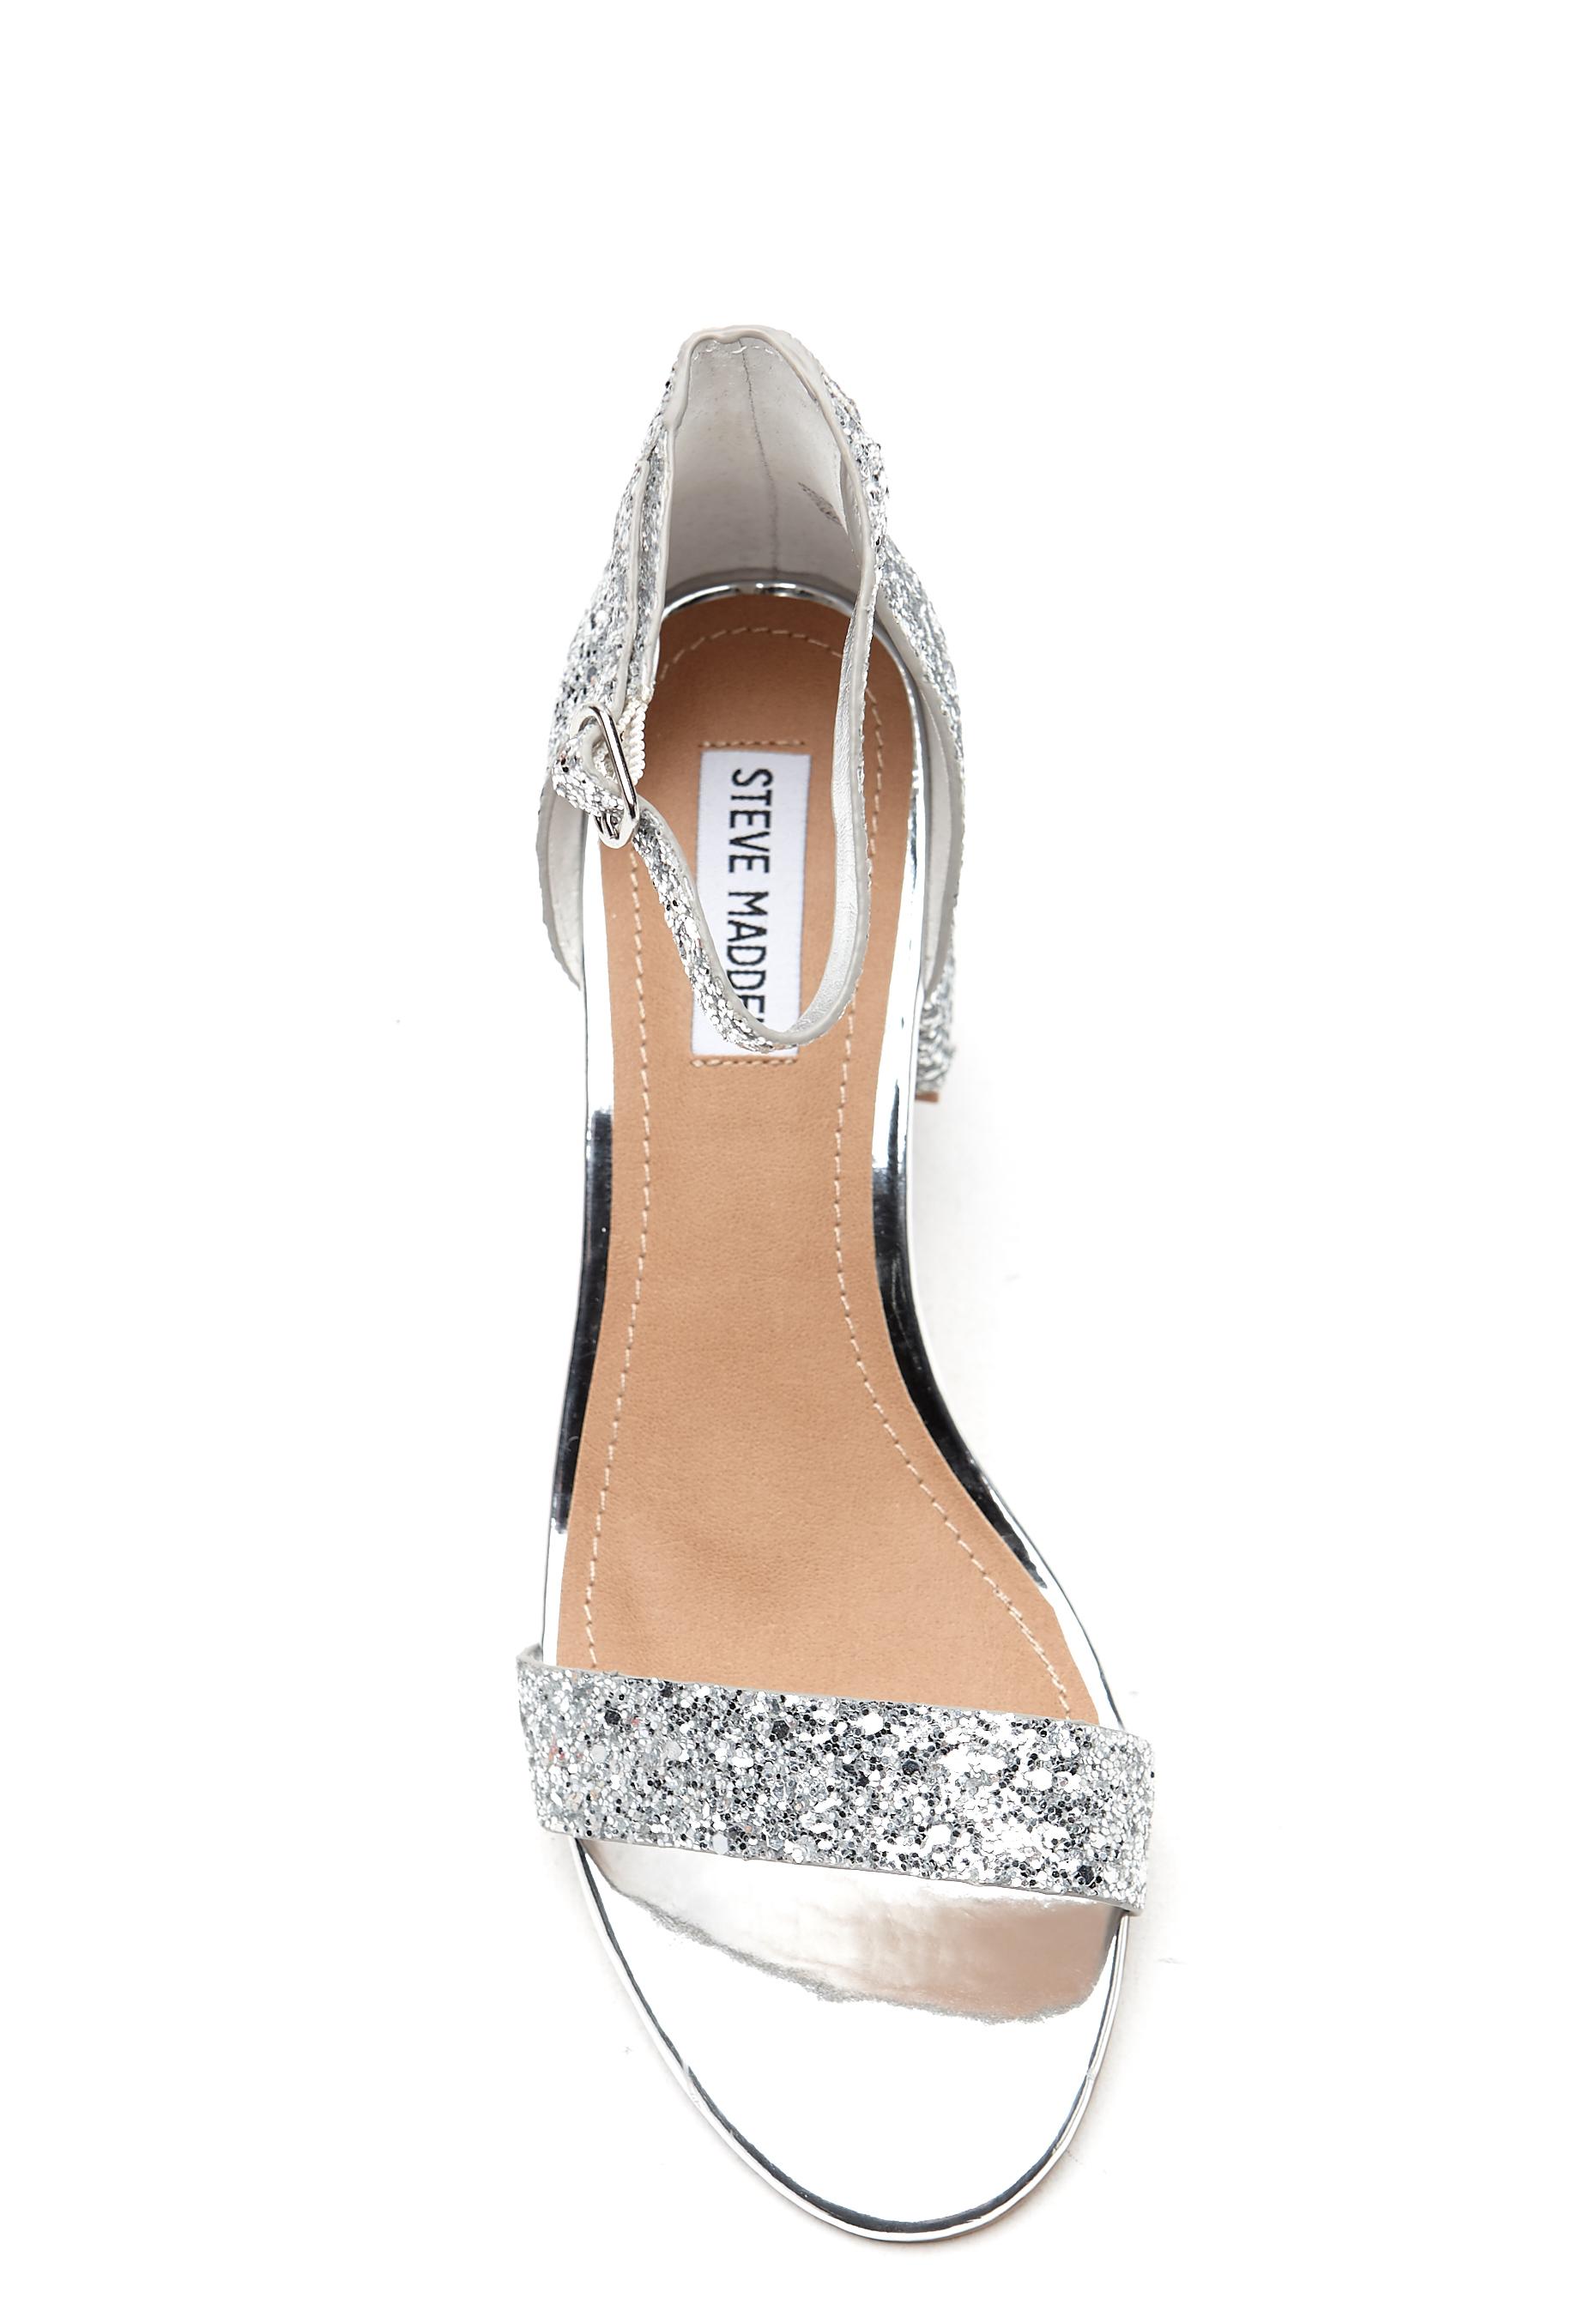 Steve Madden Irenee Sandal Silver Glitter Bubbleroom